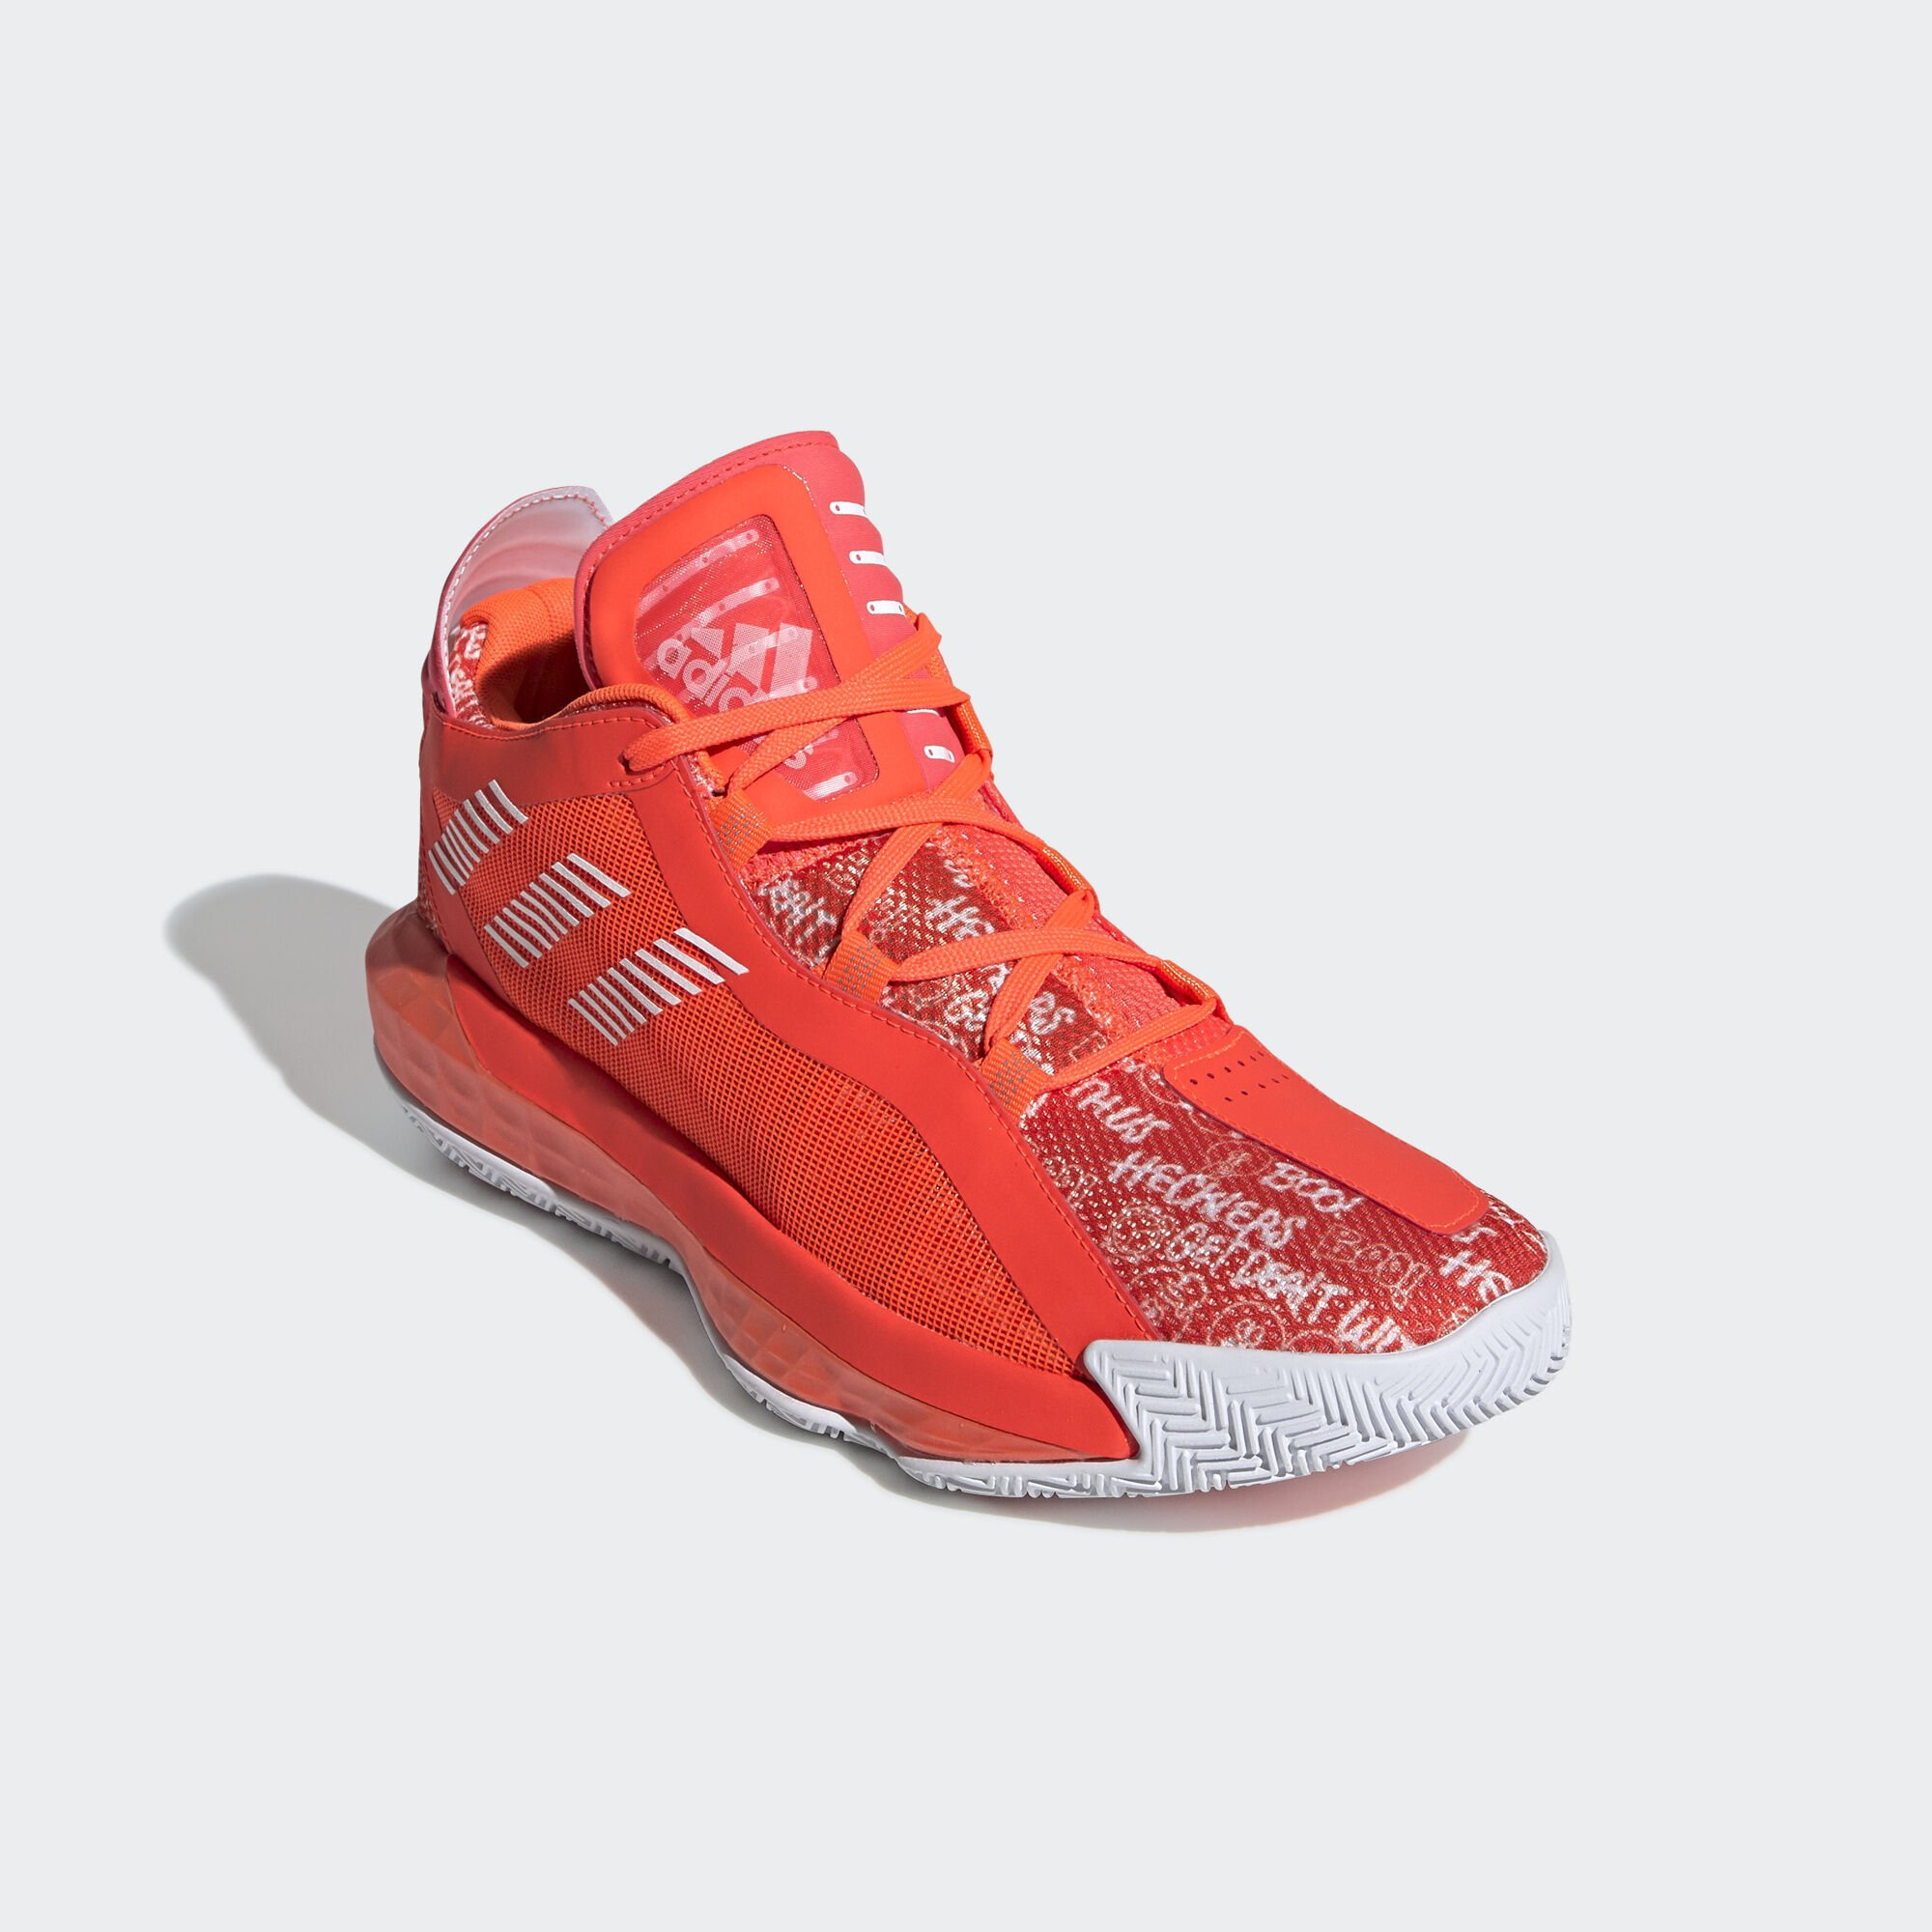 adidas Dame 6 Solar Red White (FU6808)